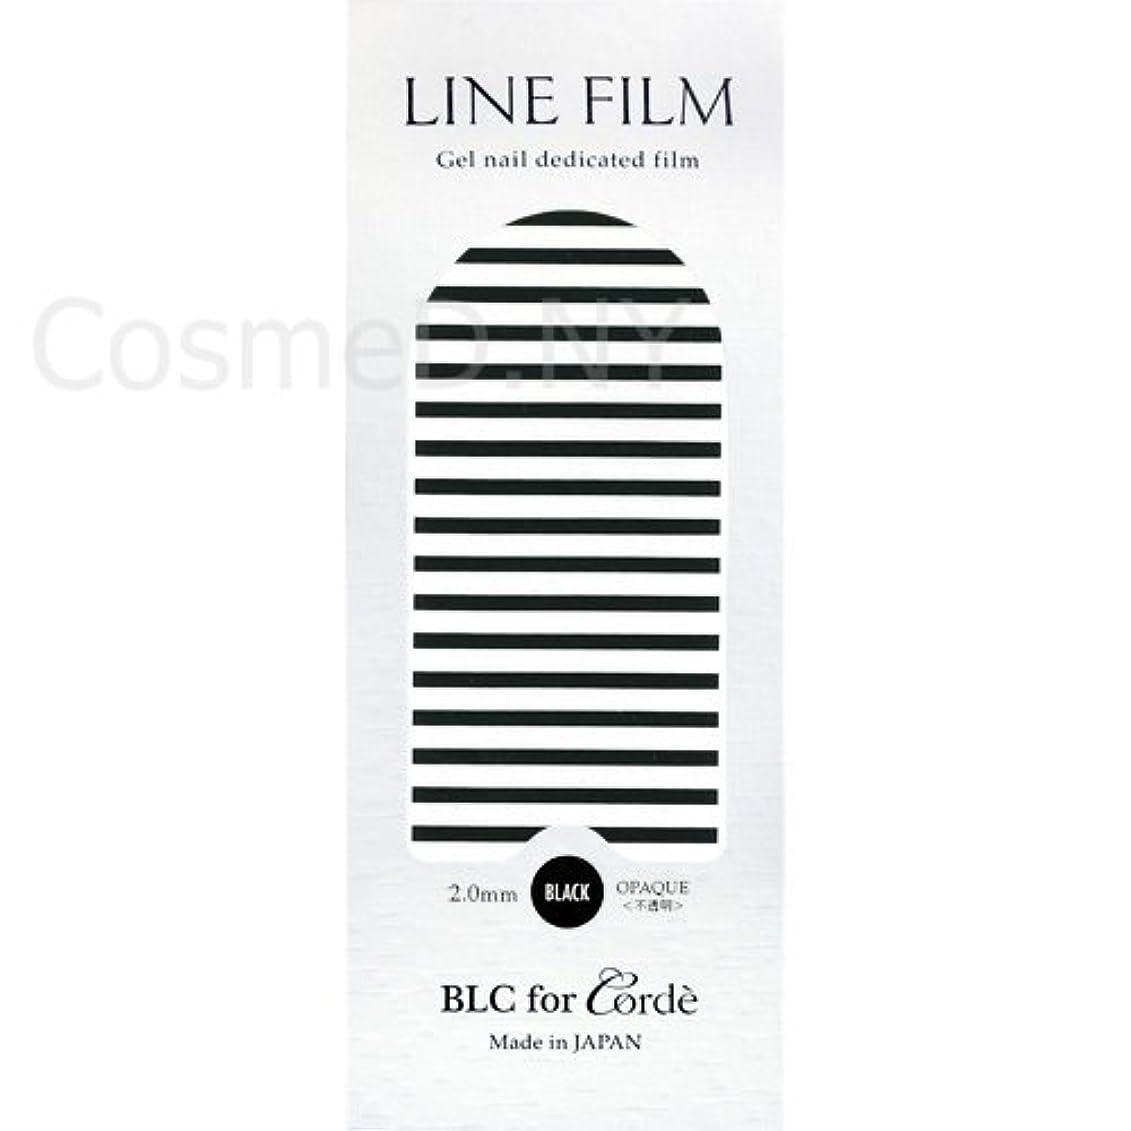 チューブ強大なボイドBLC for Corde(ビーエルシーフォーコーデ)ラインフィルム ブラック 2mm【ネイルアート、ネイルシール】